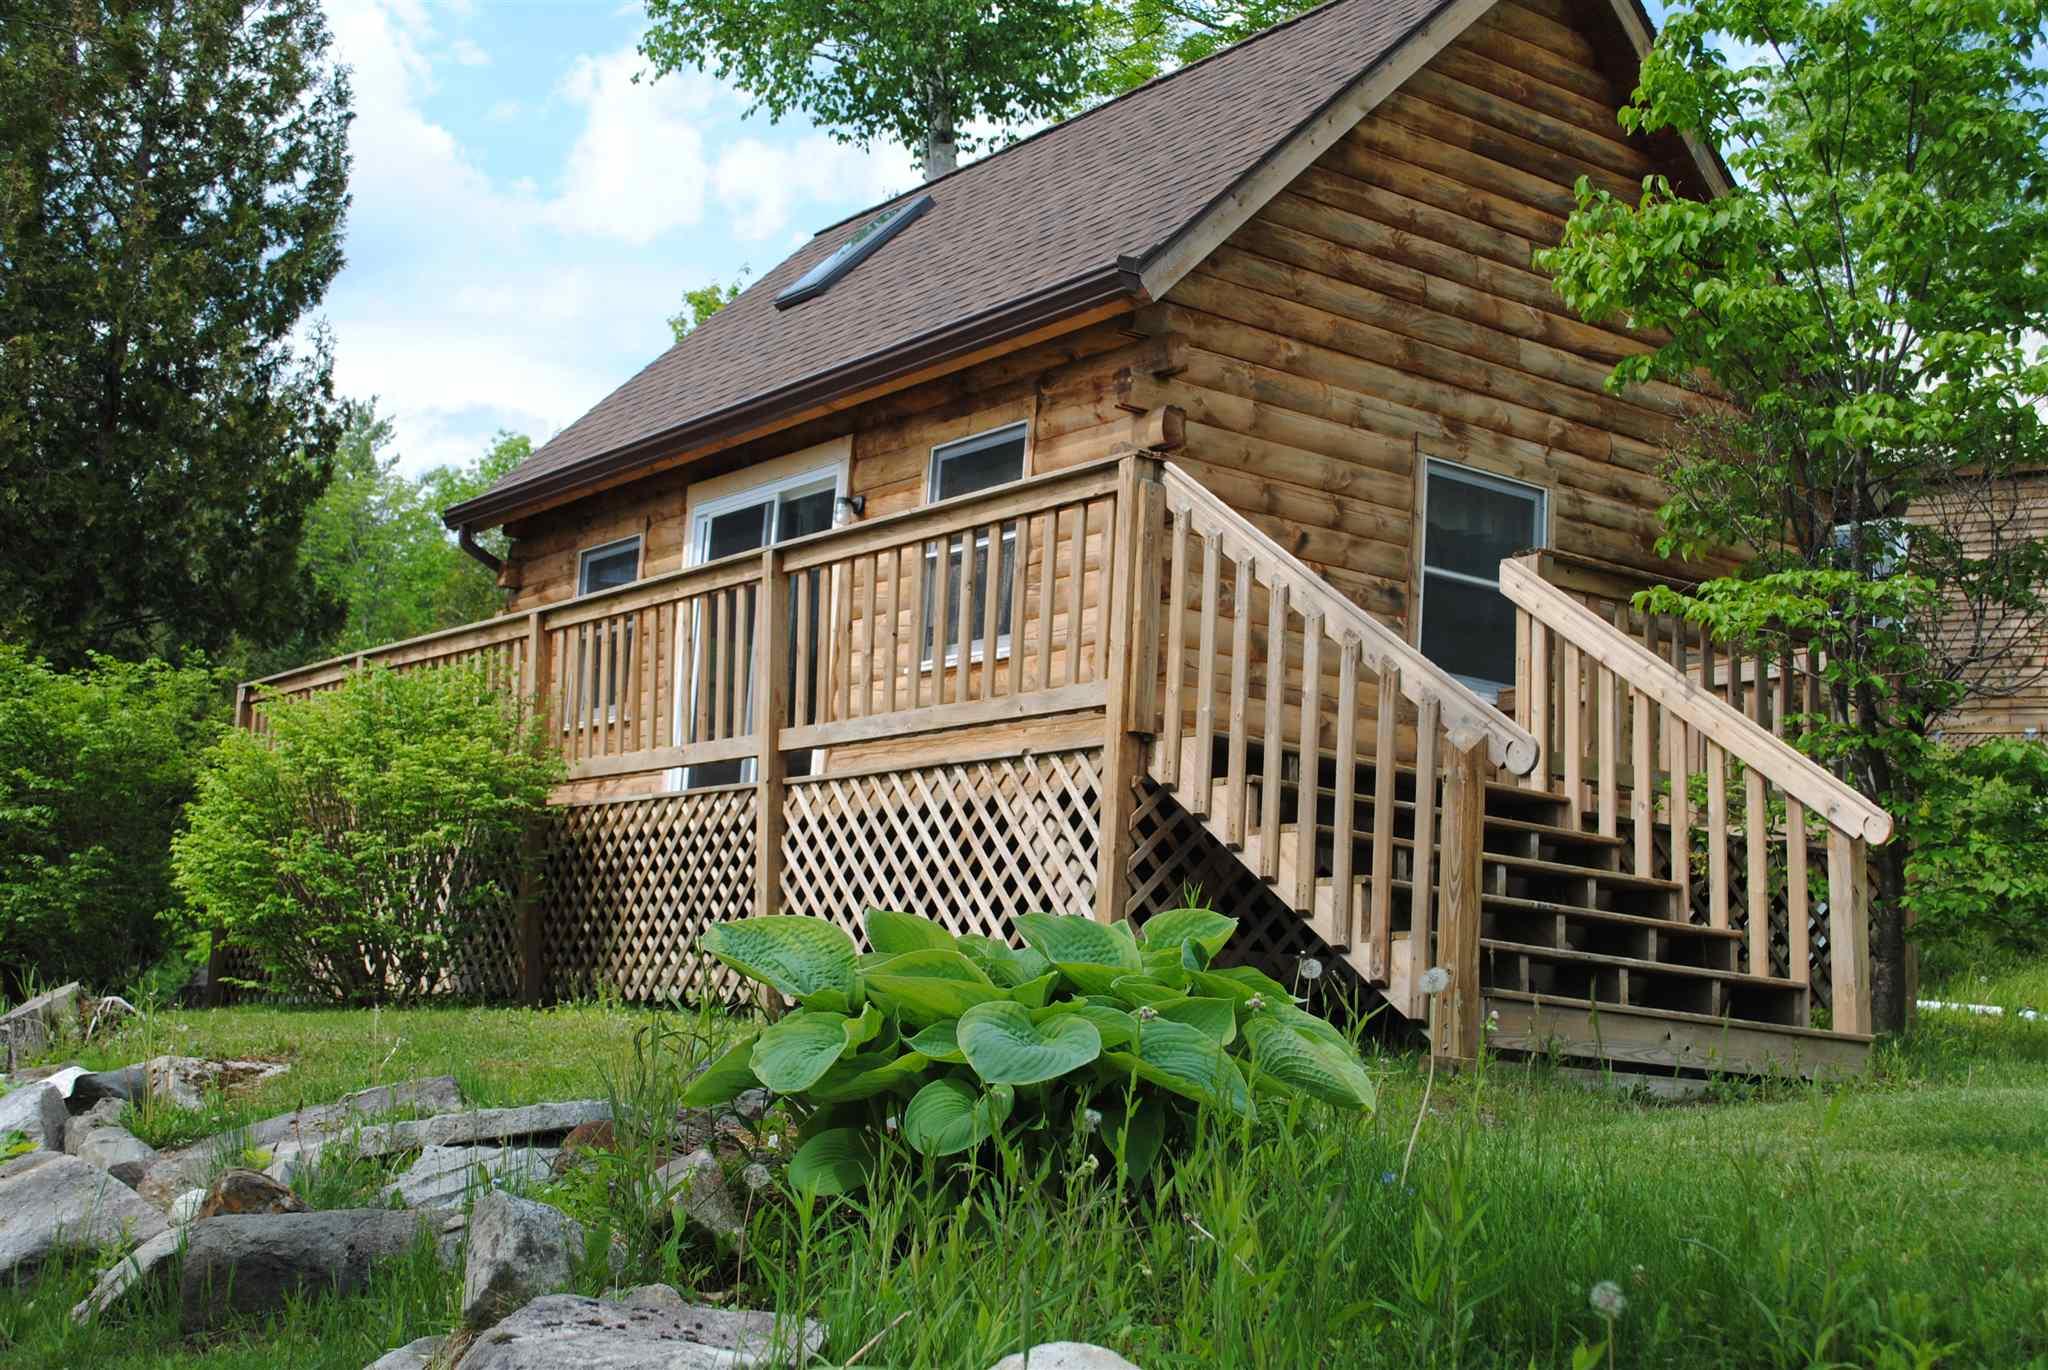 Cabin #13 Campers Barnet VT 05821